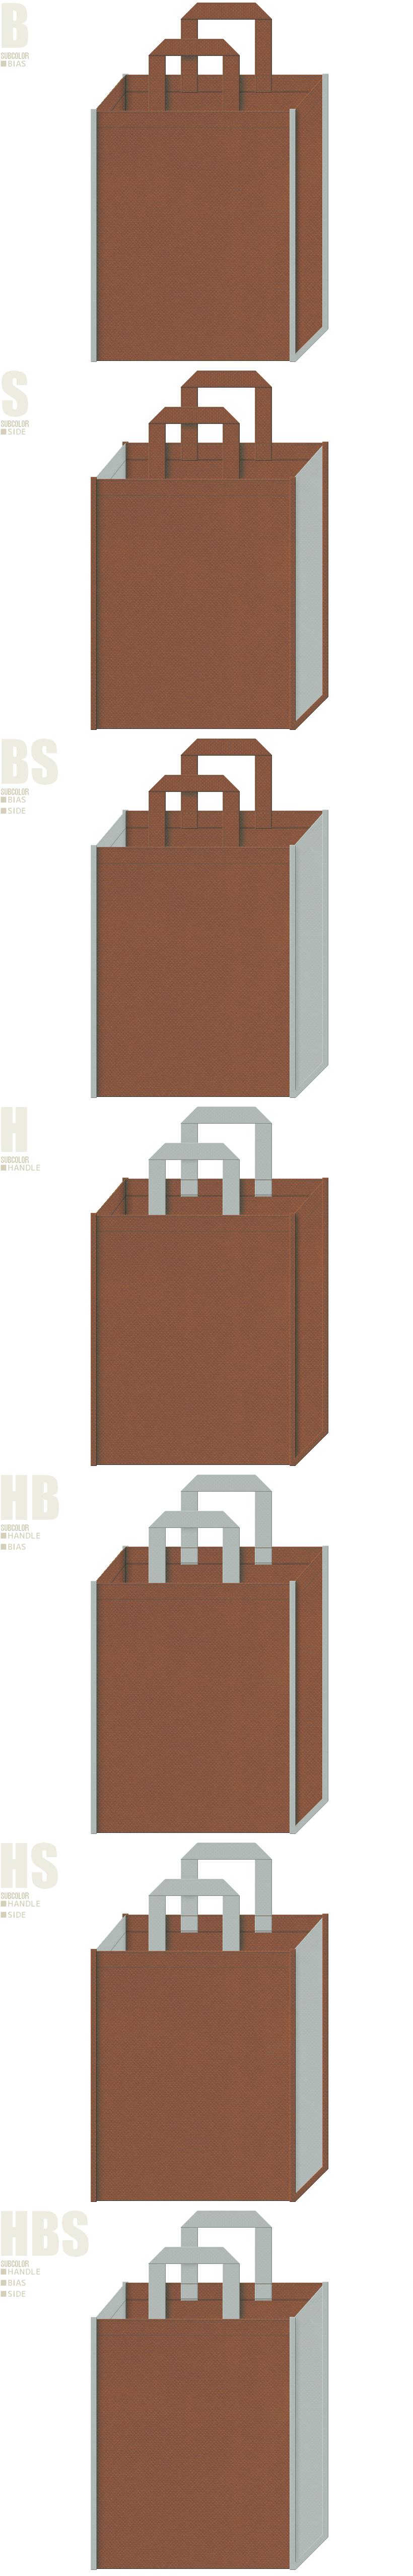 ニット・セーター・アウター・レギンス・秋冬ファッションの展示会・販促イベントにお奨めの不織布バッグデザイン:茶色とグレーの配色7パターン